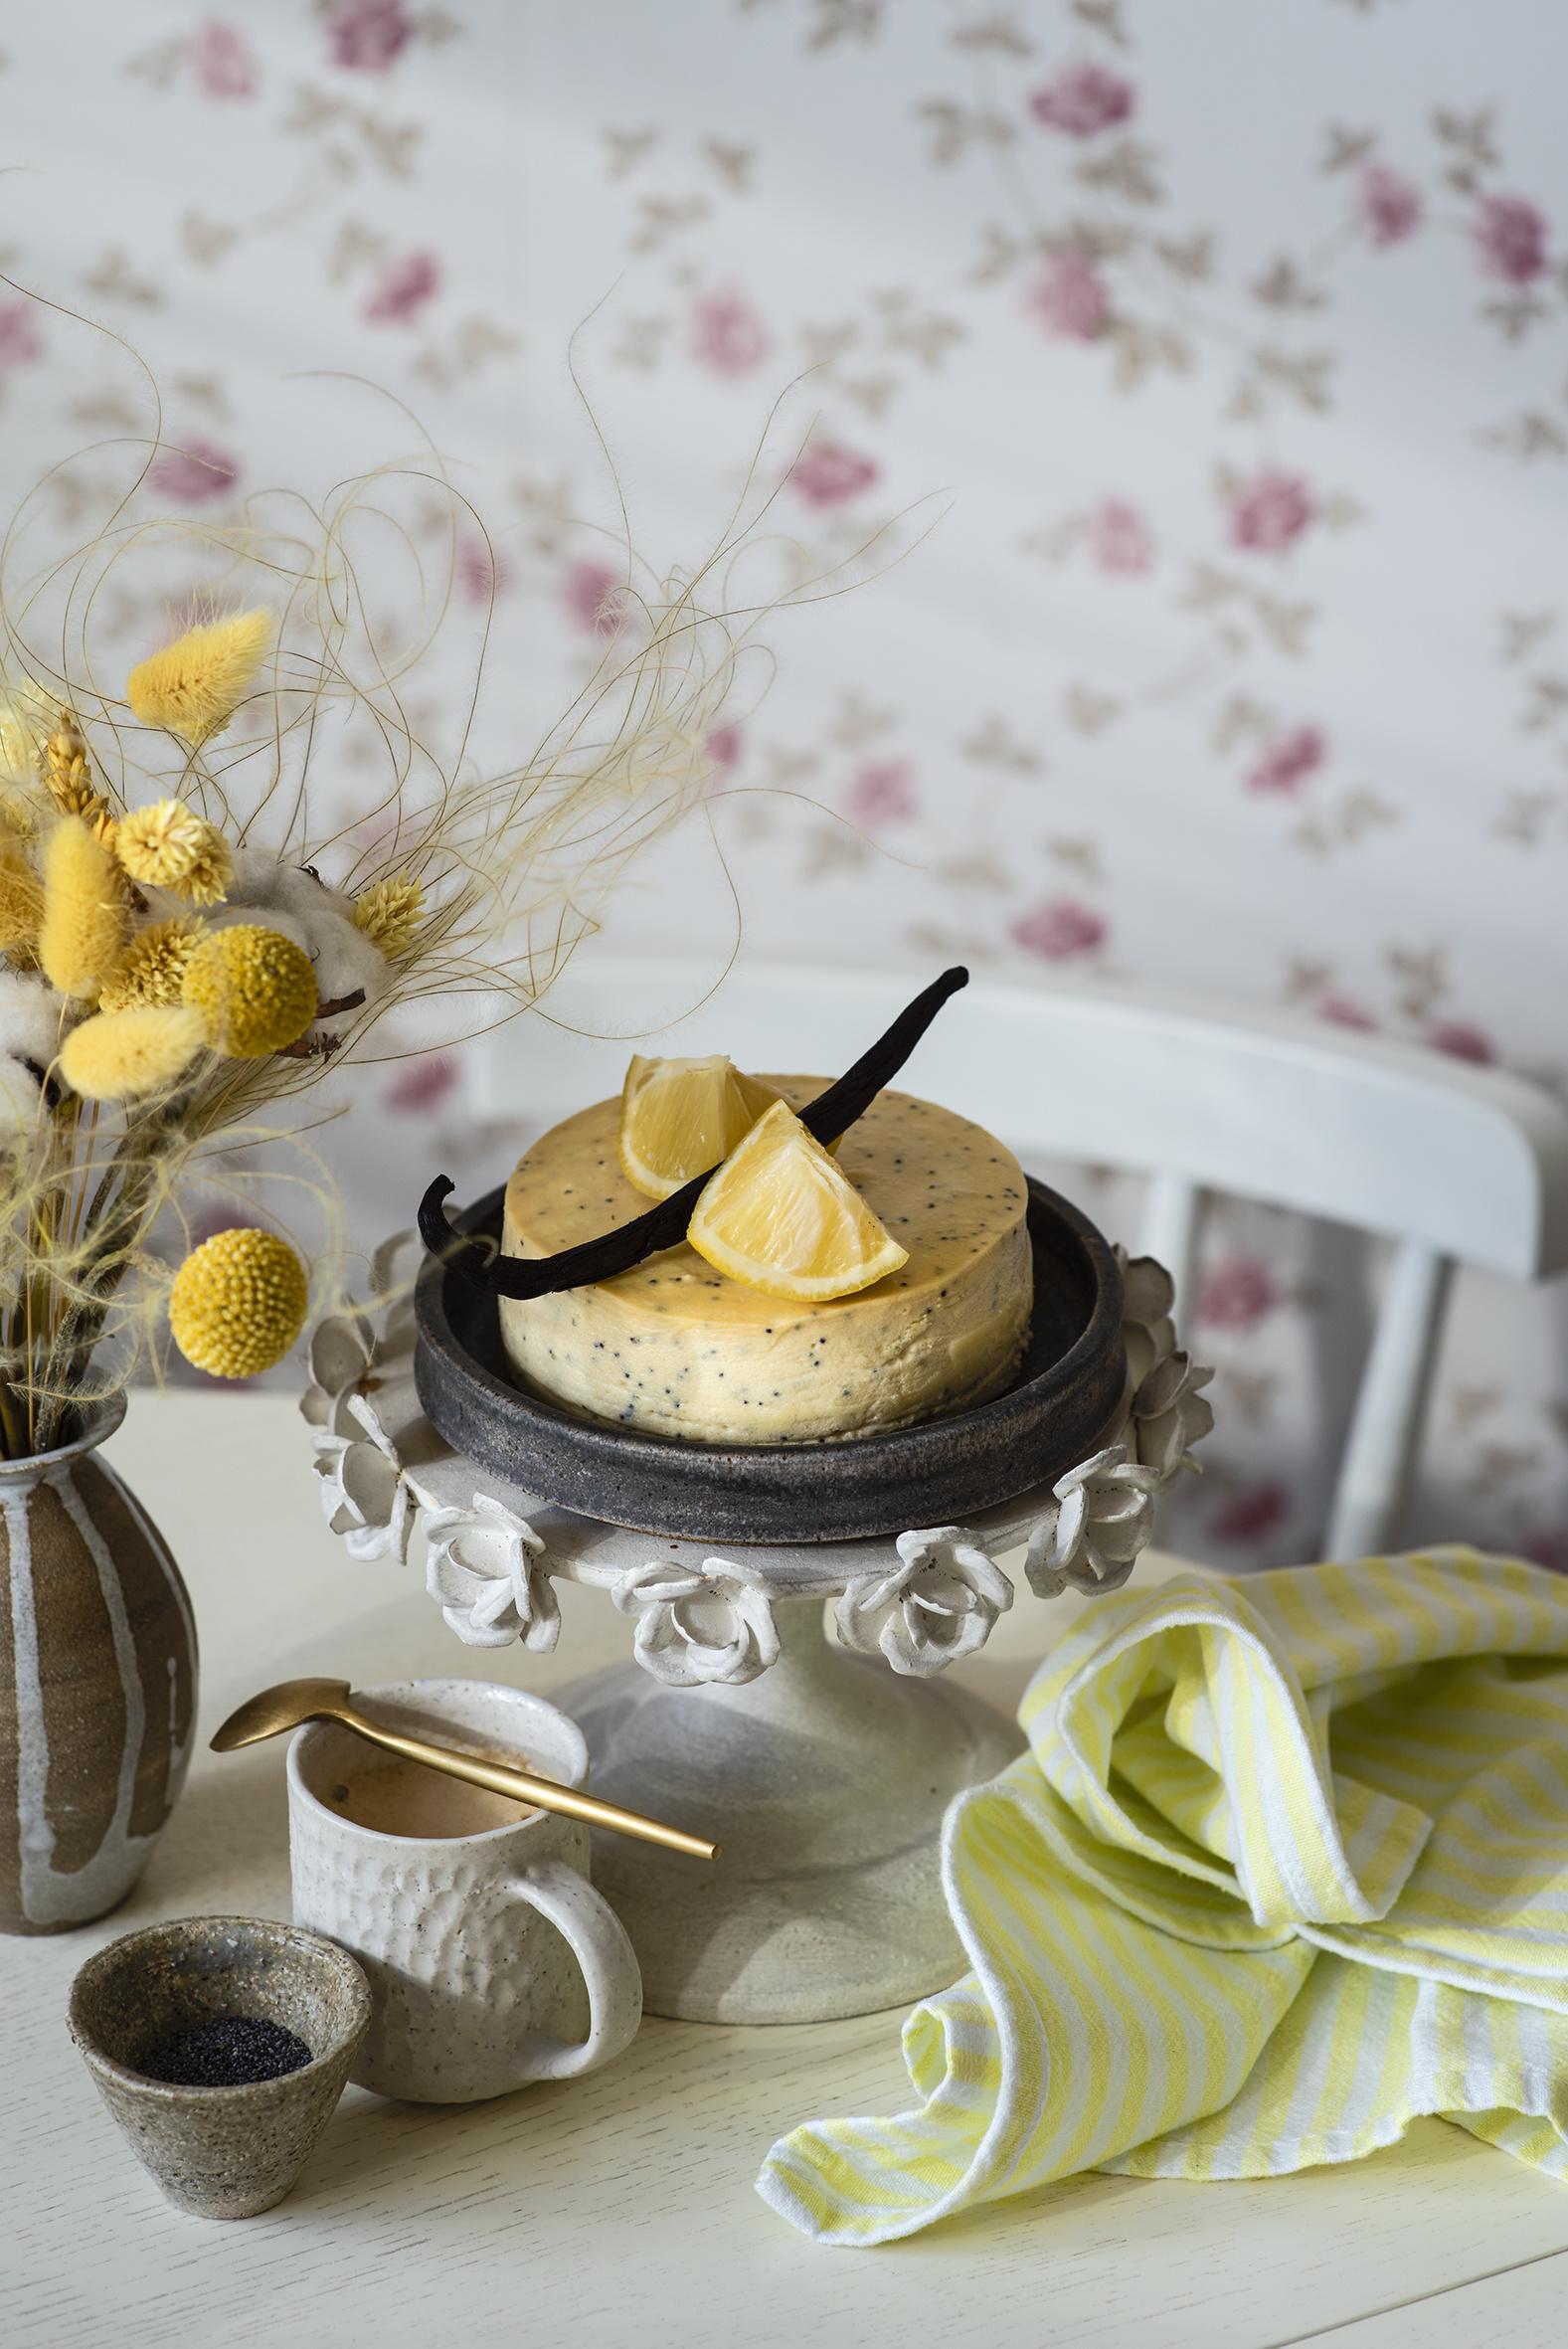 Обои для рабочего стола Кофе Торты Капучино Еда кружке  для мобильного телефона Пища кружки Кружка Продукты питания